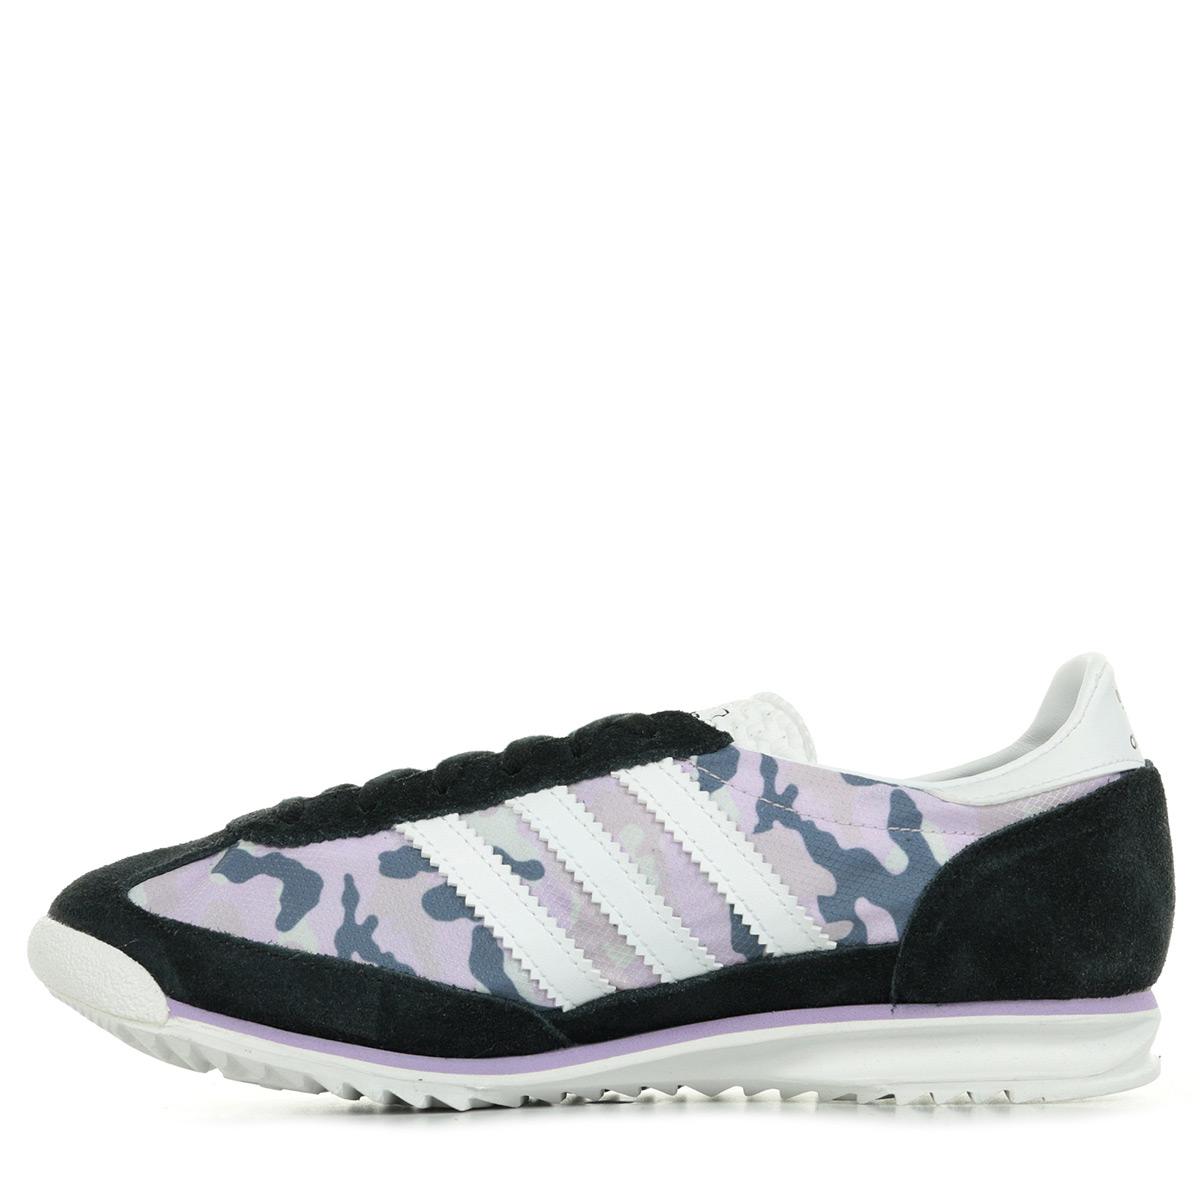 adidas chaussure sl 72